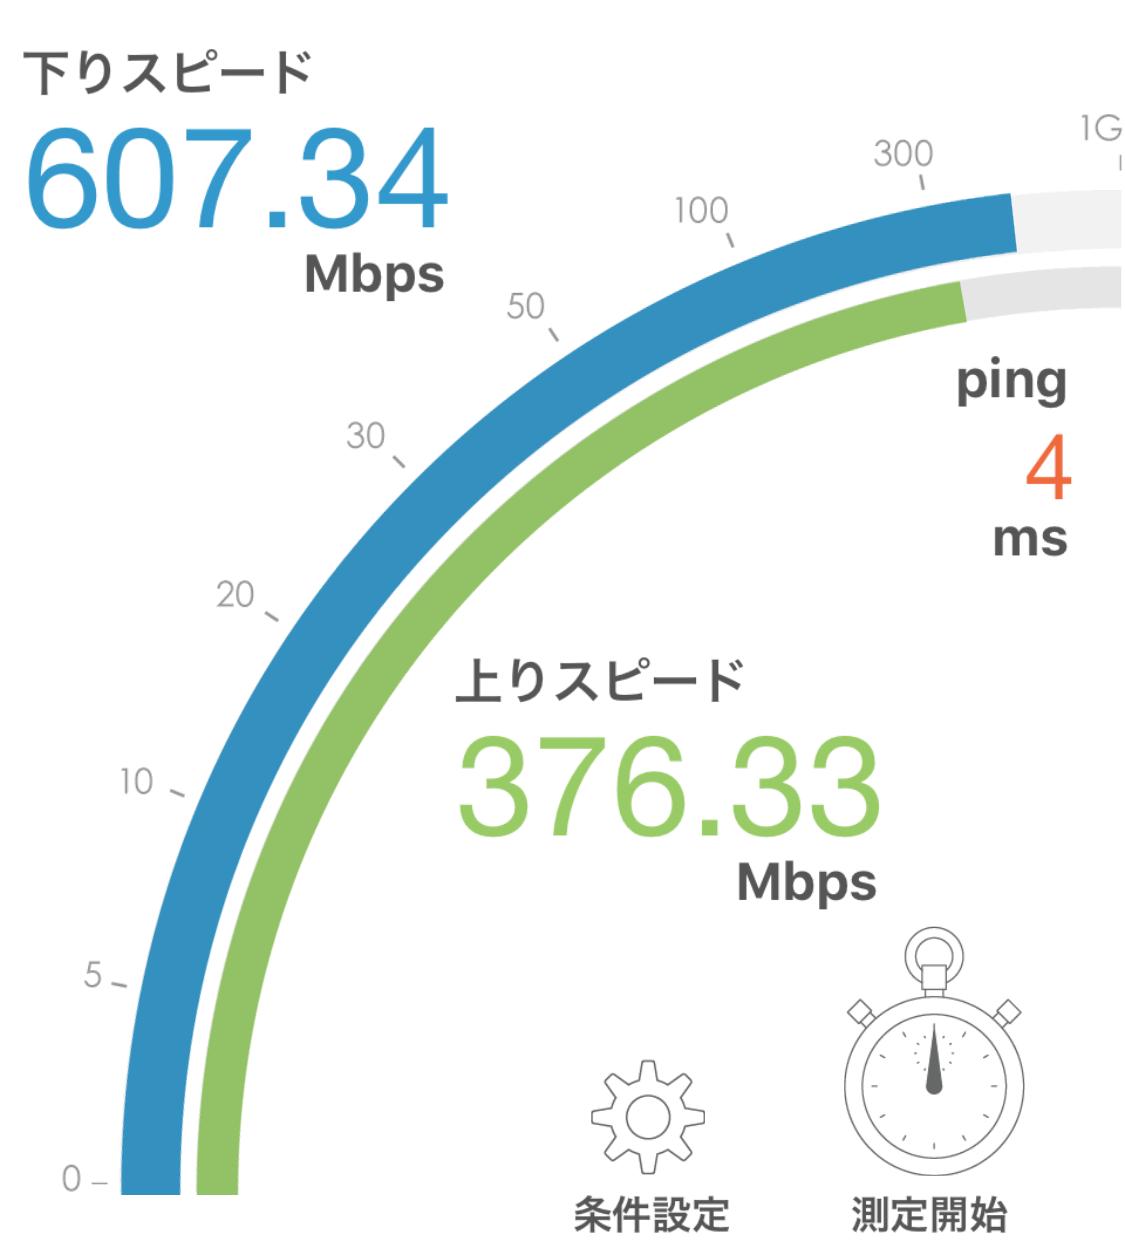 ニューロ光 Wi-Fi実測 2019年9月 計測結果